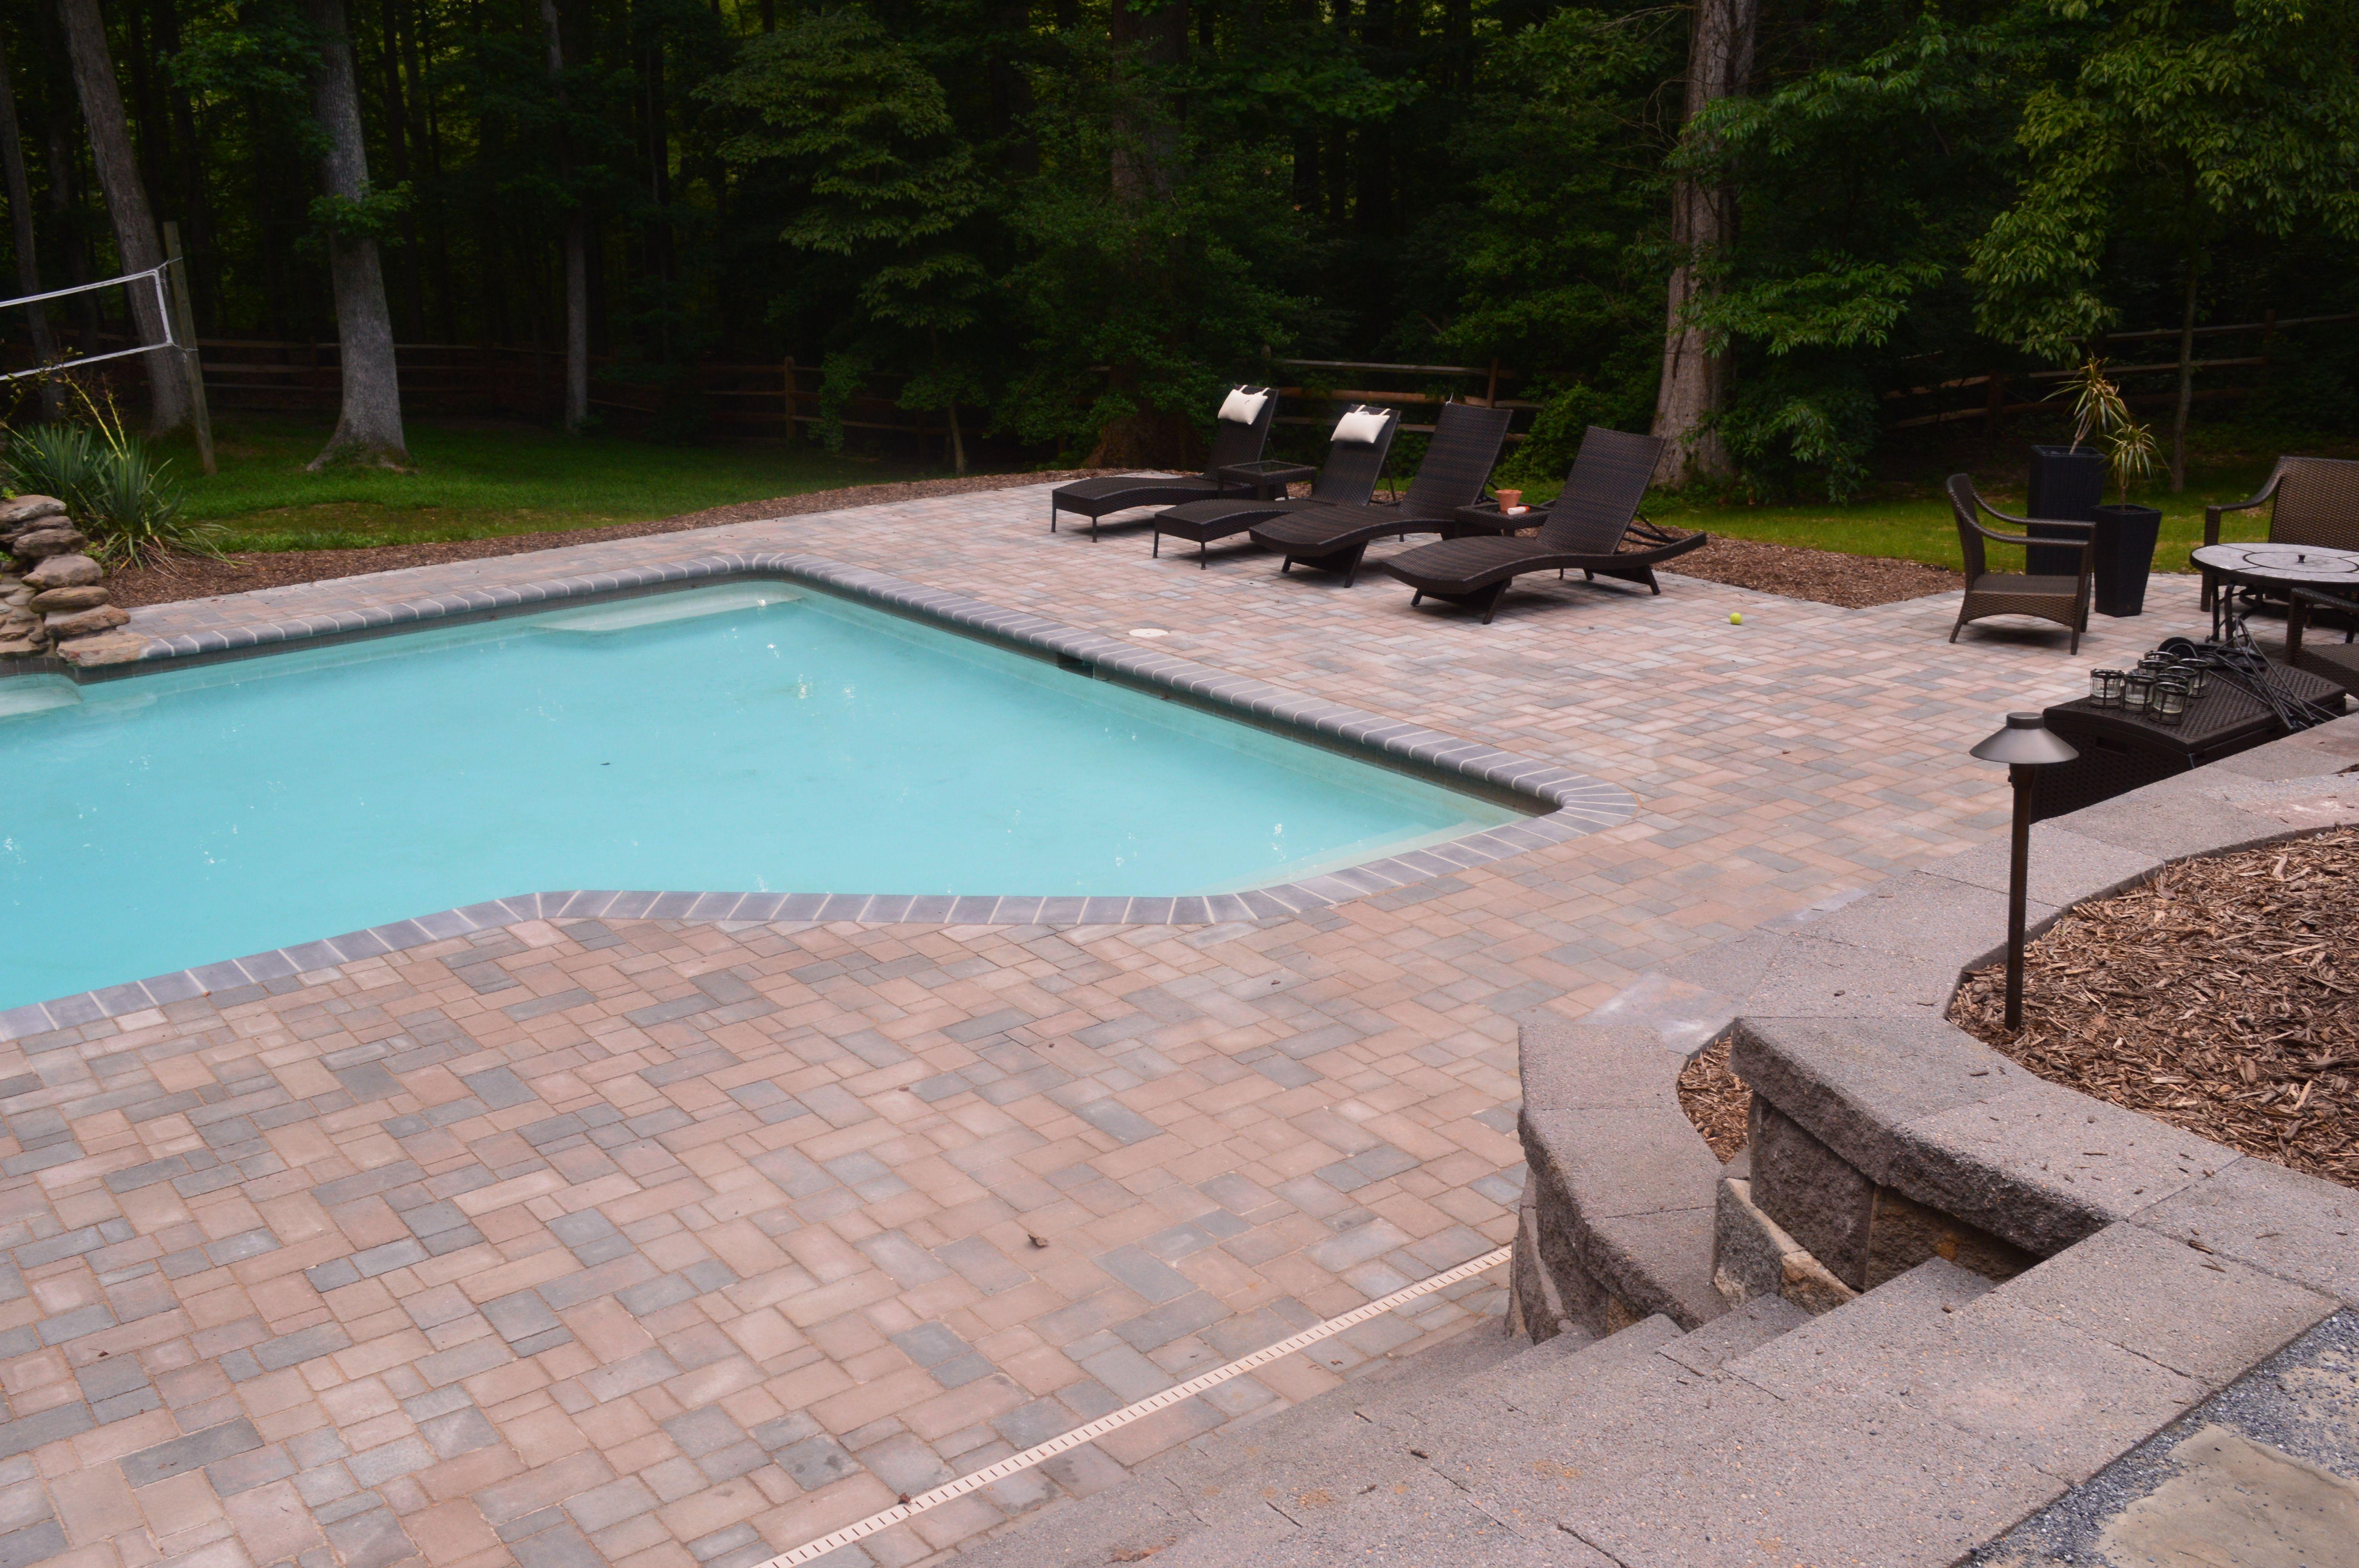 new pool surround using Belgard Hardscapes